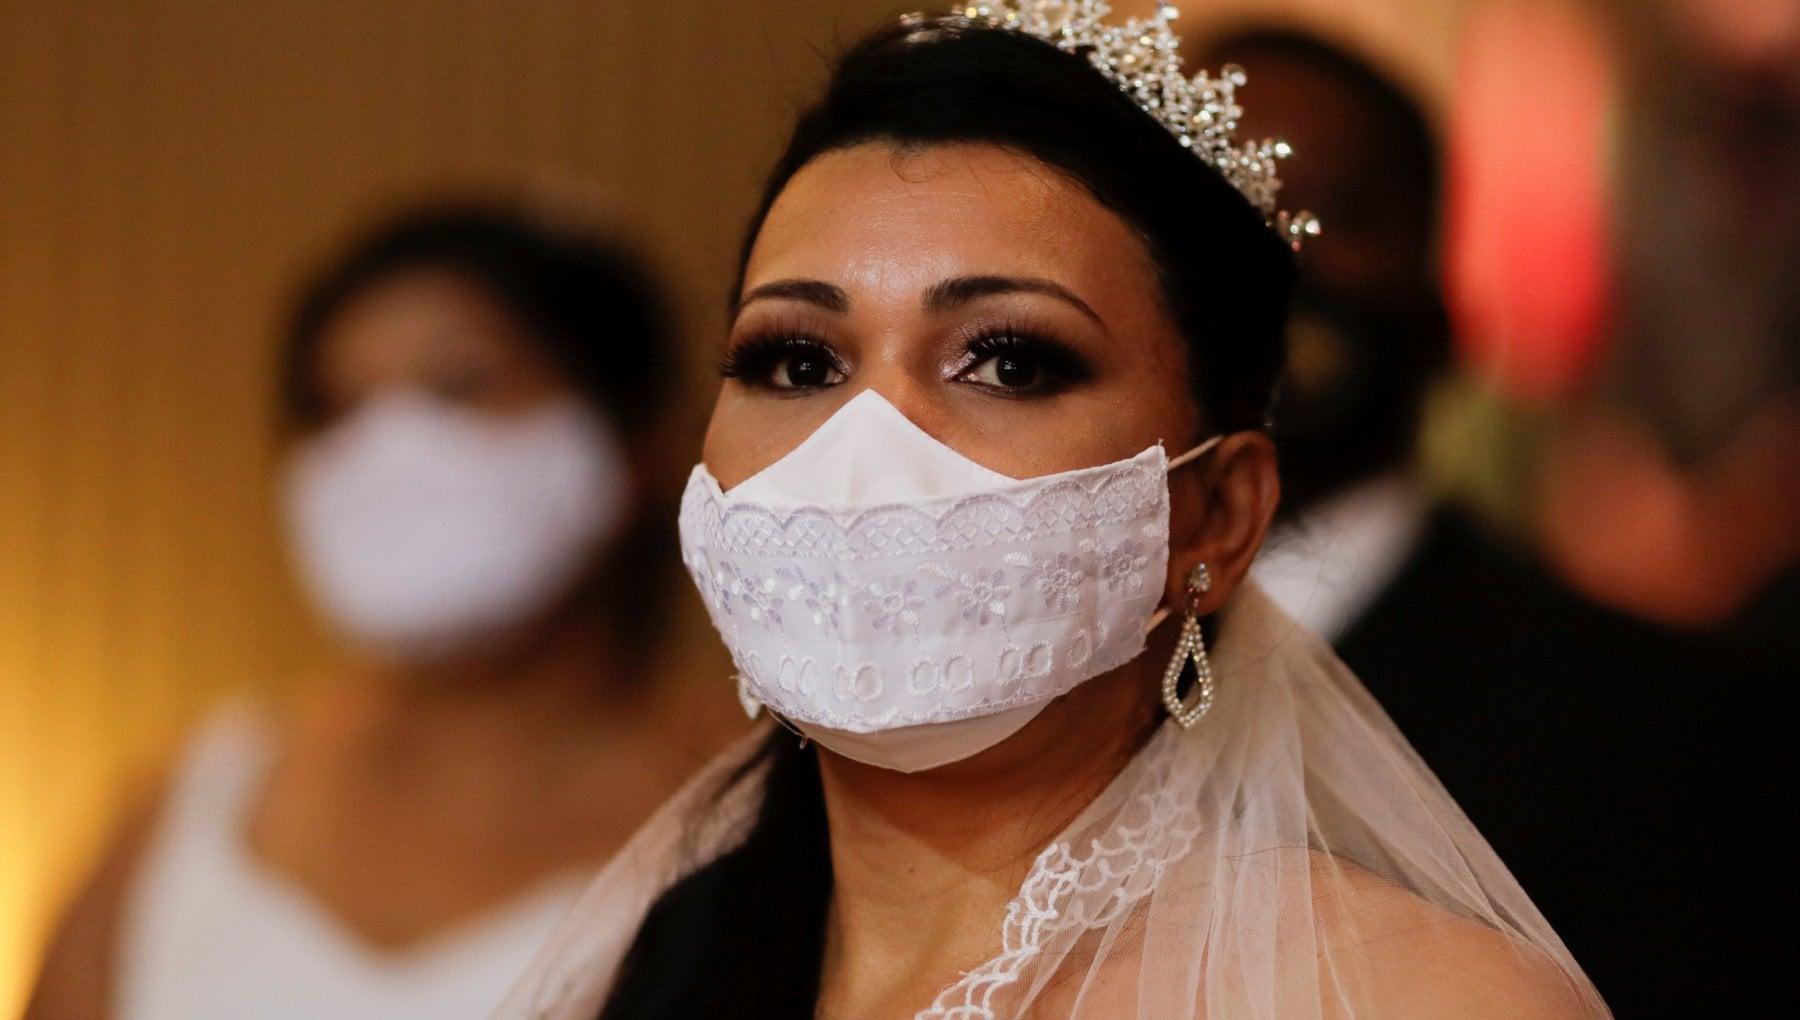 040922283 59842617 d2b9 4181 b46d e3844fd03be1 - Coronavirus nel mondo: in India 3.128 morti e oltre 152mila casi in un giorno